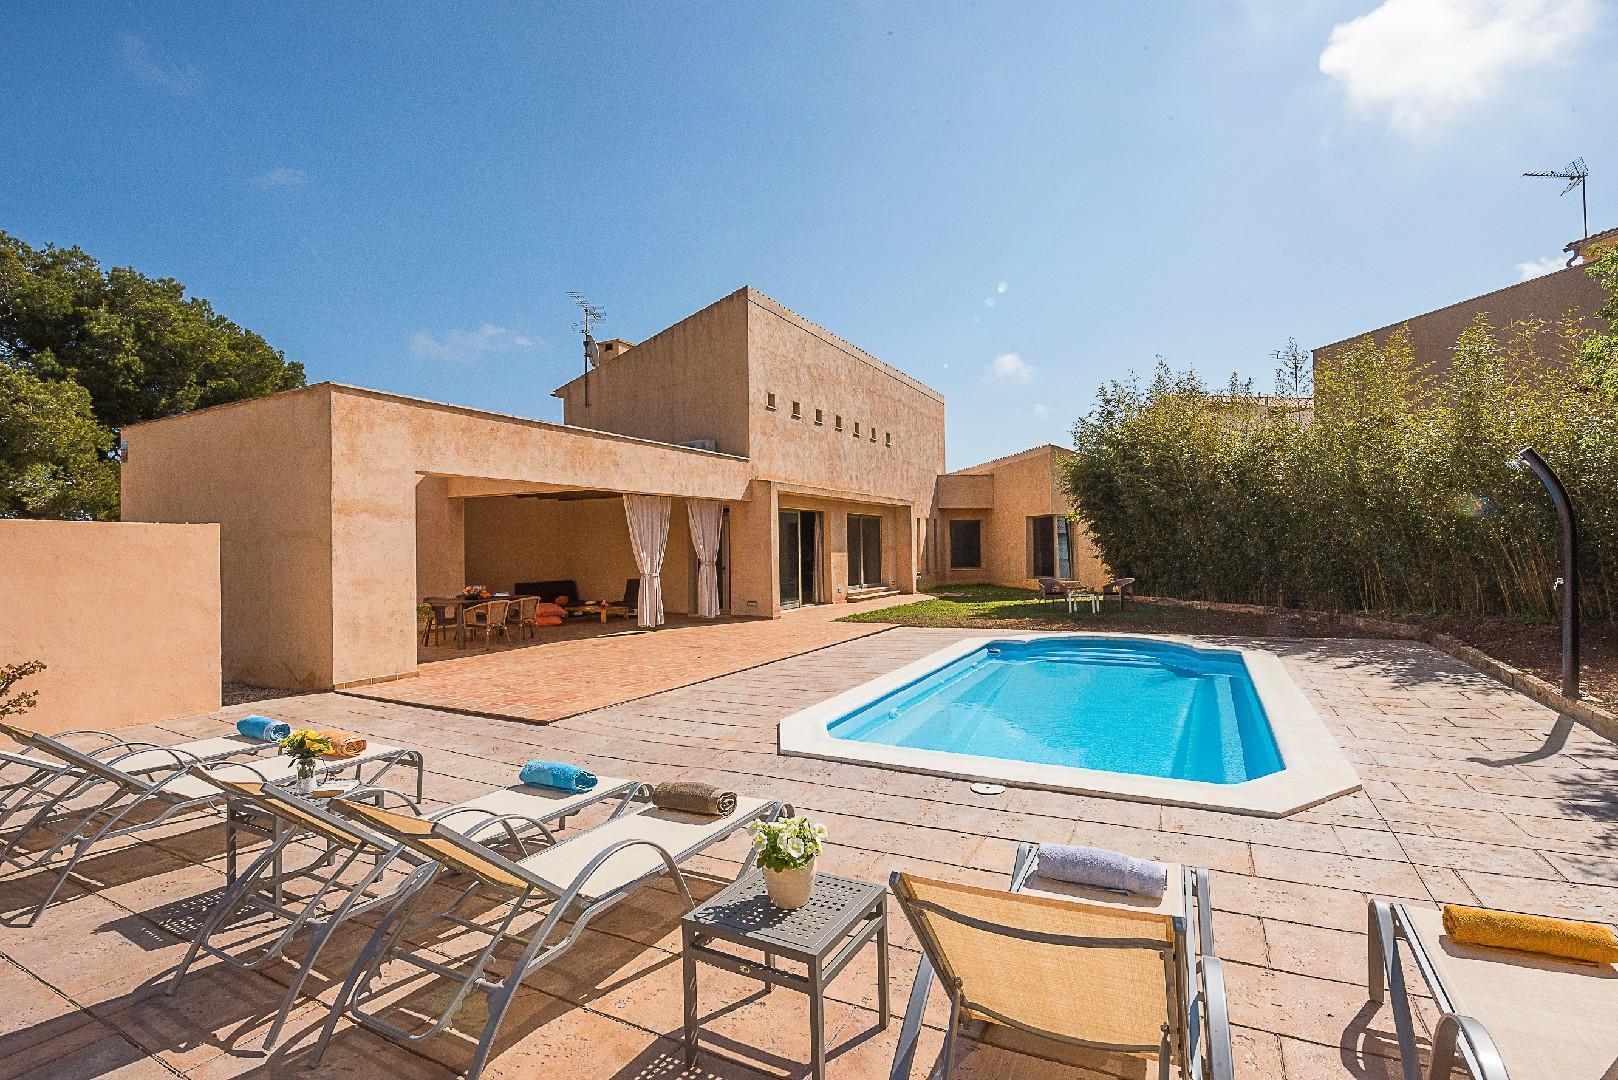 CASA VINAS  Modern Contemporary Design Villa.